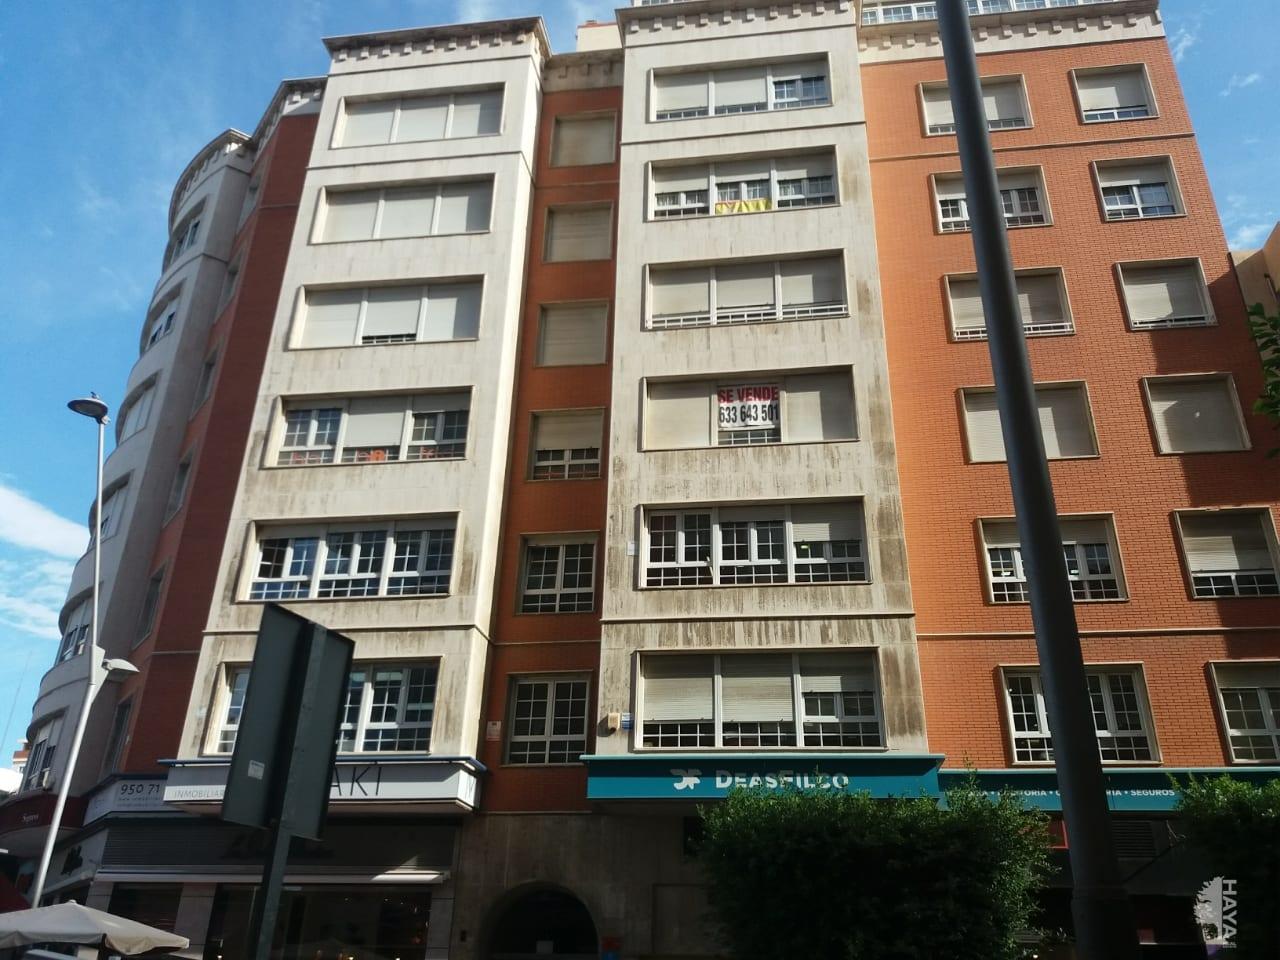 Piso en venta en Oliveros, Almería, Almería, Avenida de la Estacion, 151.100 €, 2 habitaciones, 1 baño, 66 m2